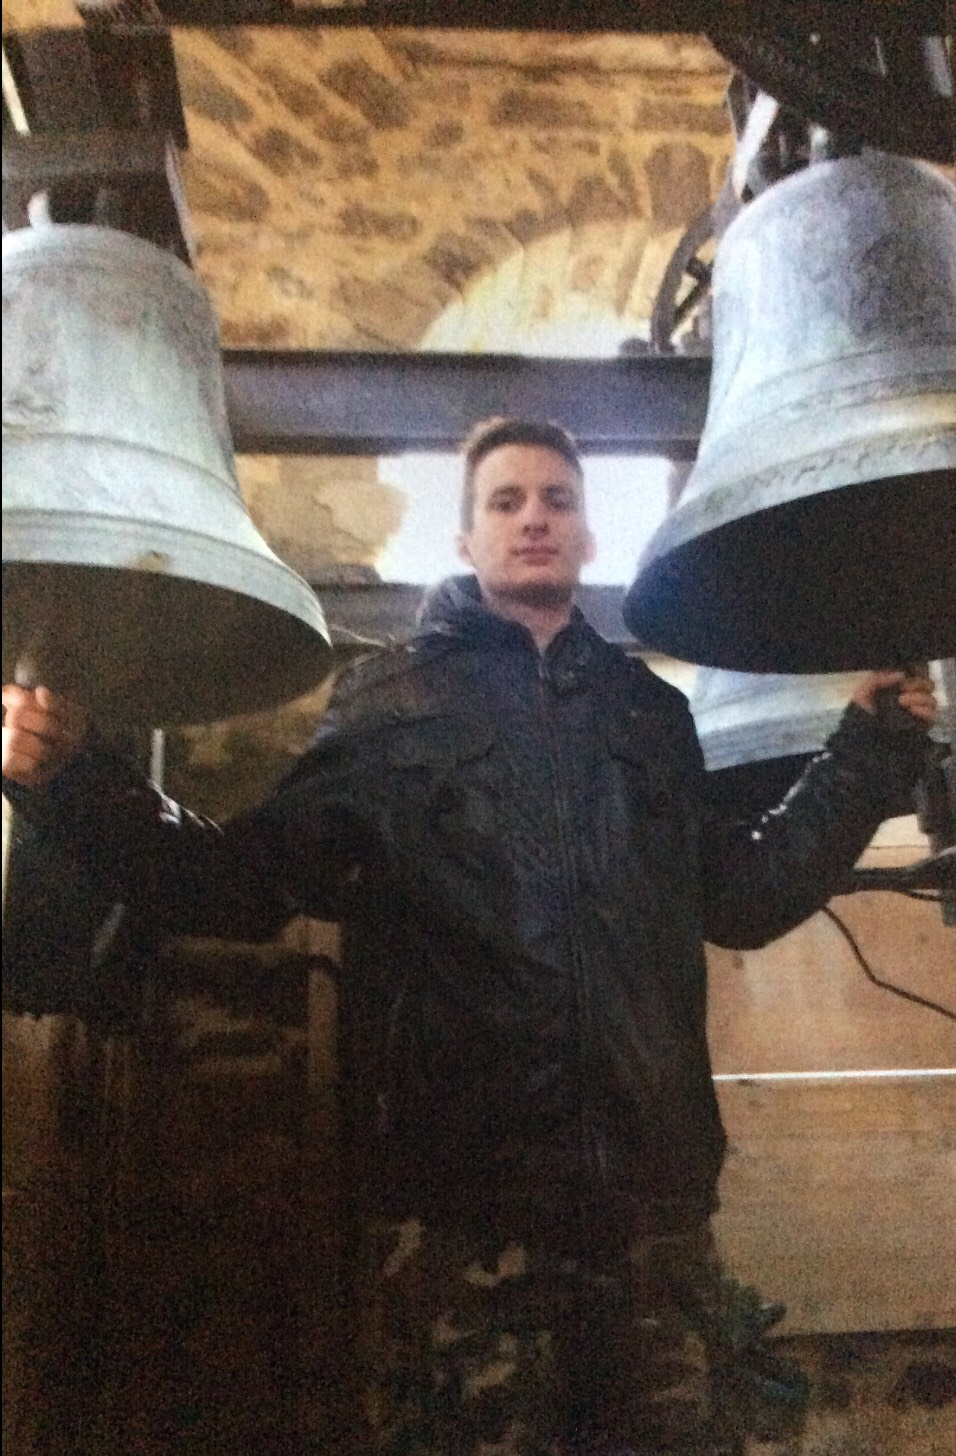 Ragazze che suona le campane della chiesa